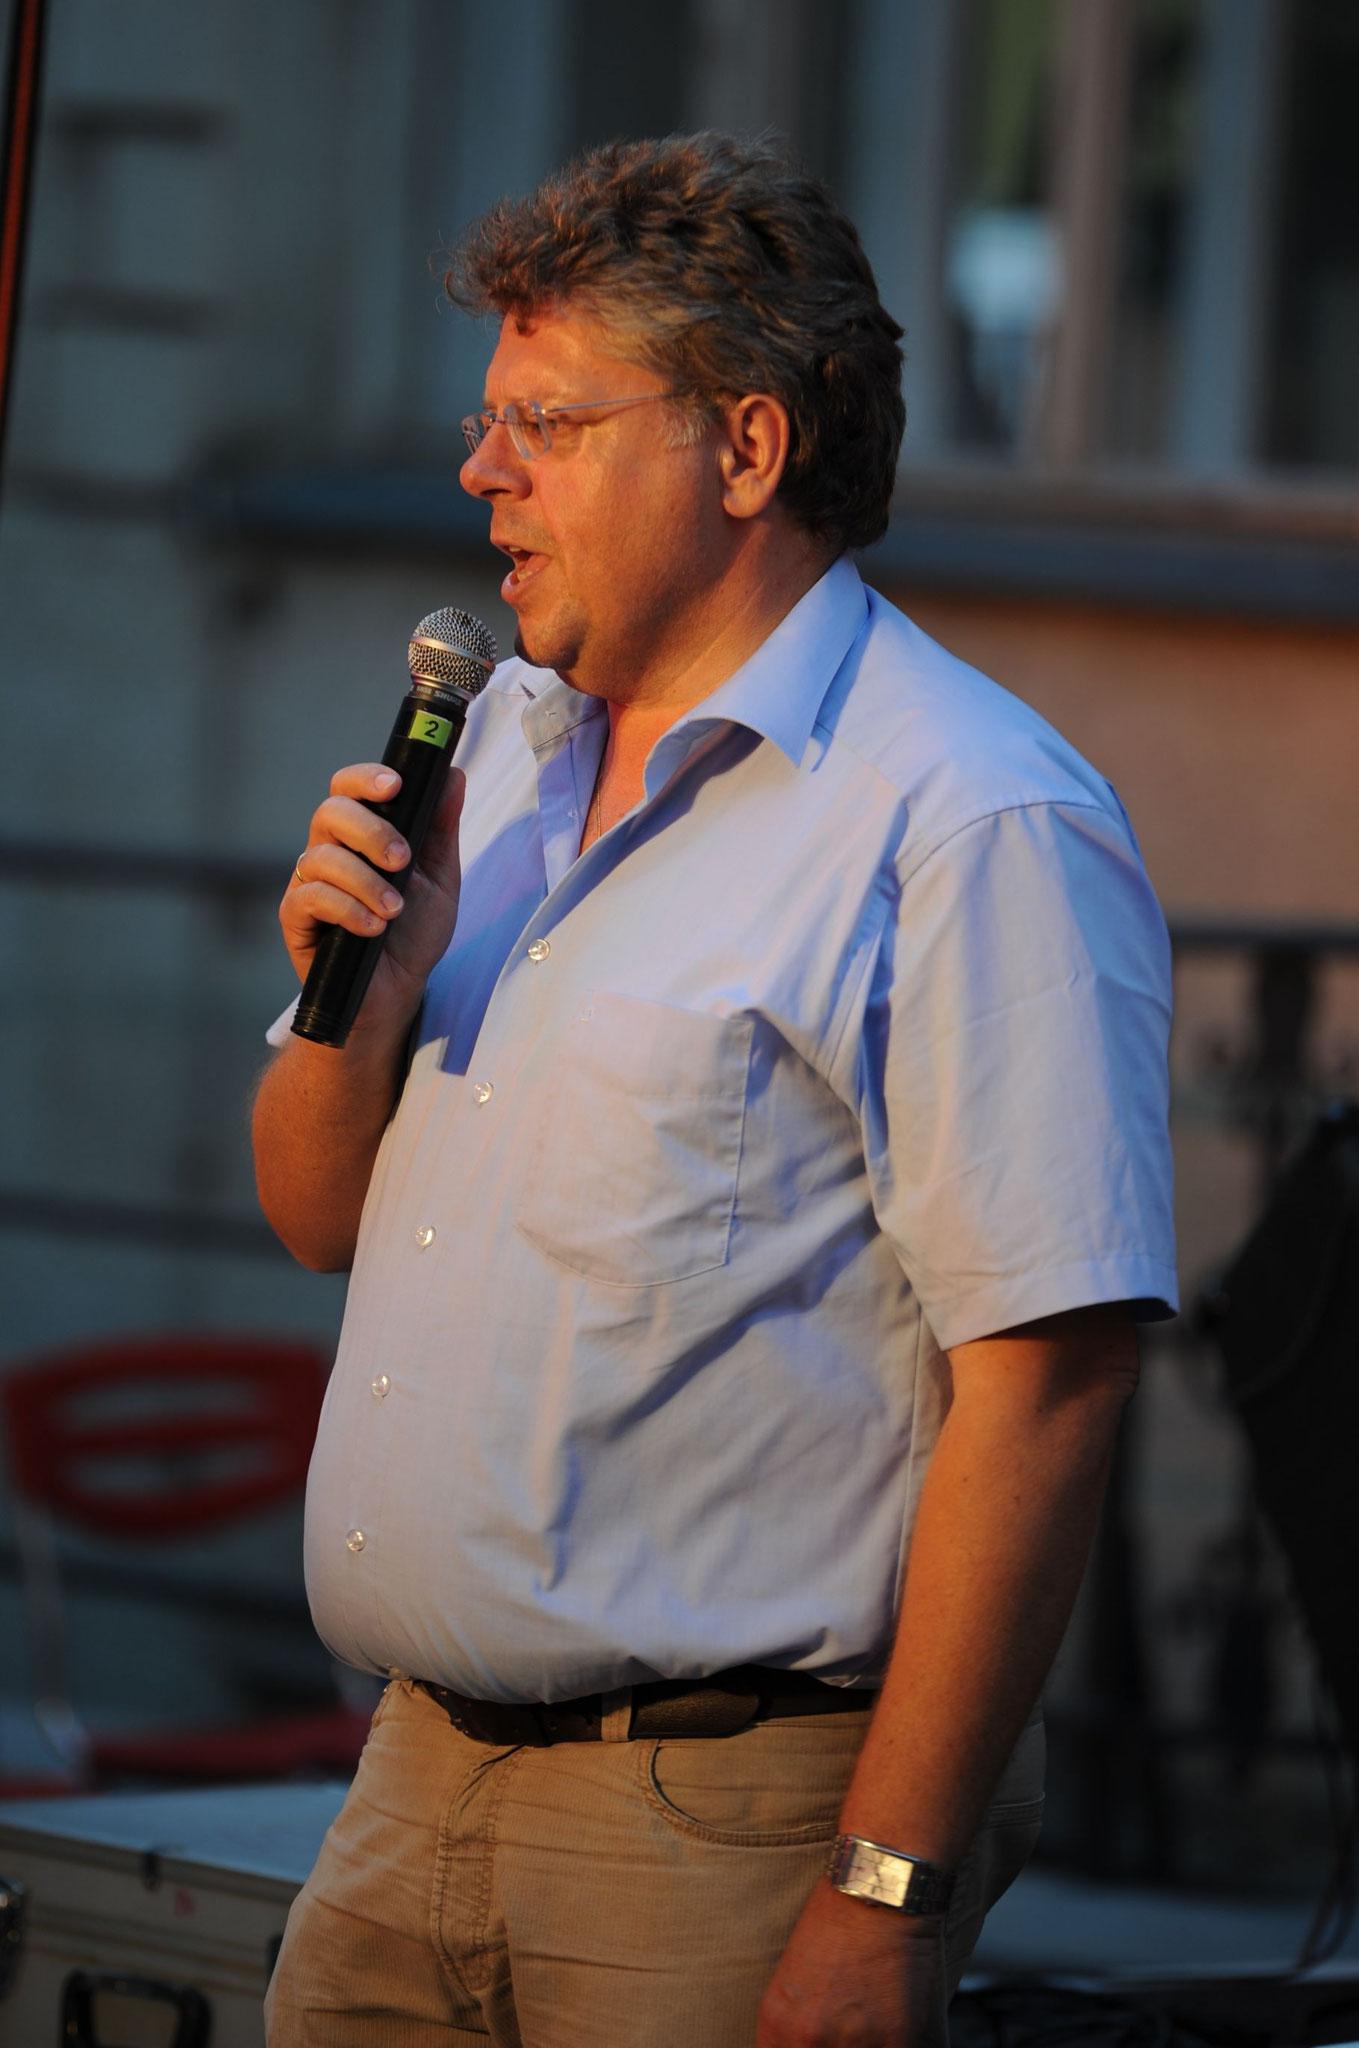 Konzerte im Bürgerhof 21.06.2012 Wolfgang Krell - Freiwilligen-Zentrum Augsburg - Foto: Philipp Rein